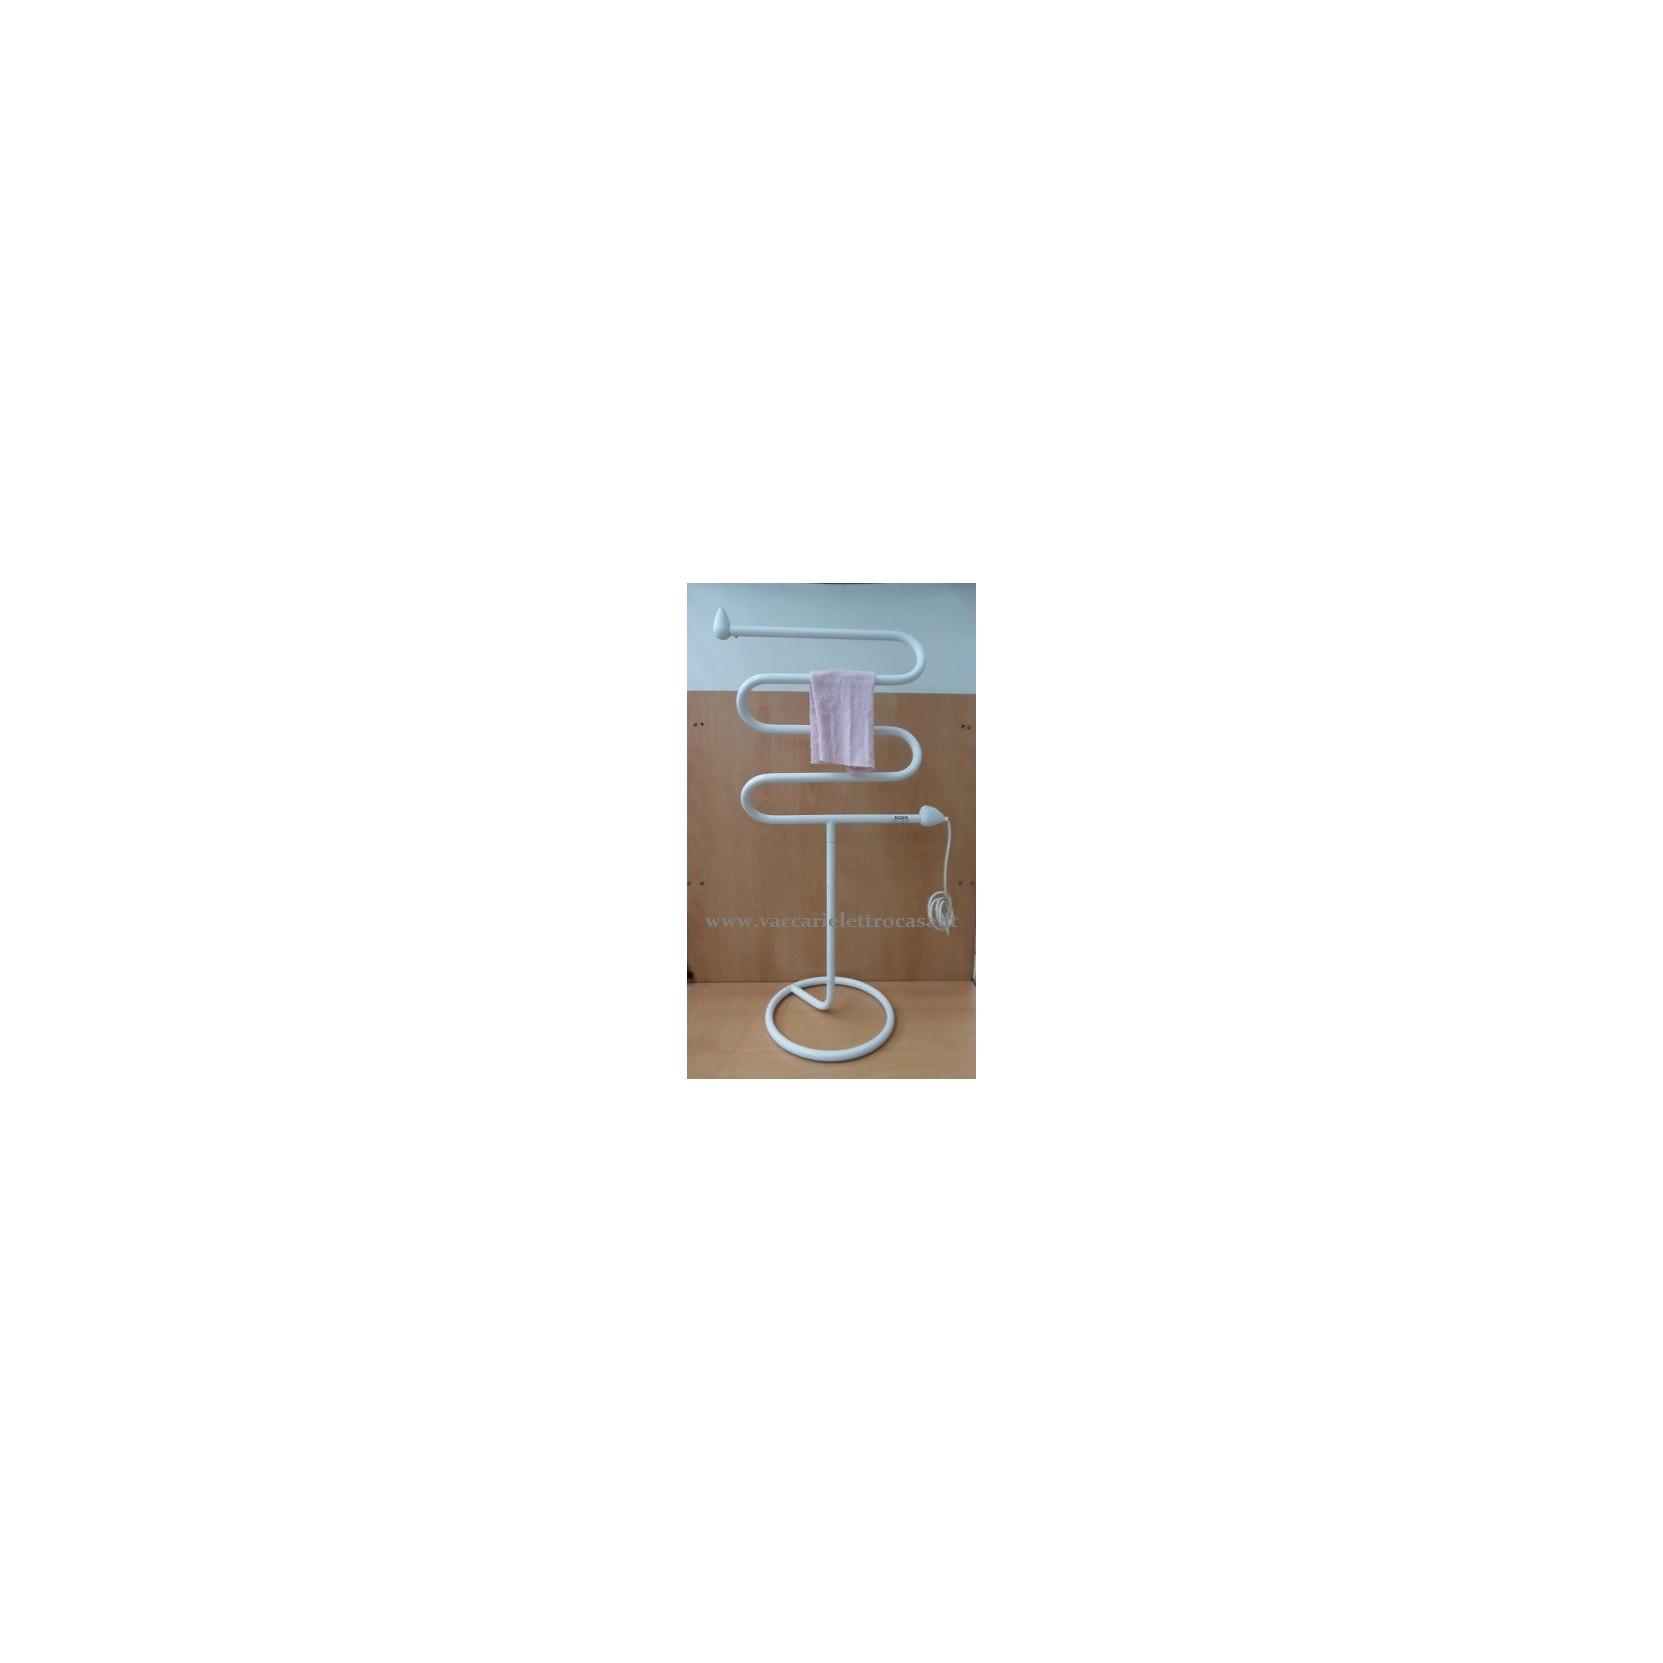 Asciugamani caldi e asciutti scaldasalviette elettrico - Scaldare il bagno elettricamente ...